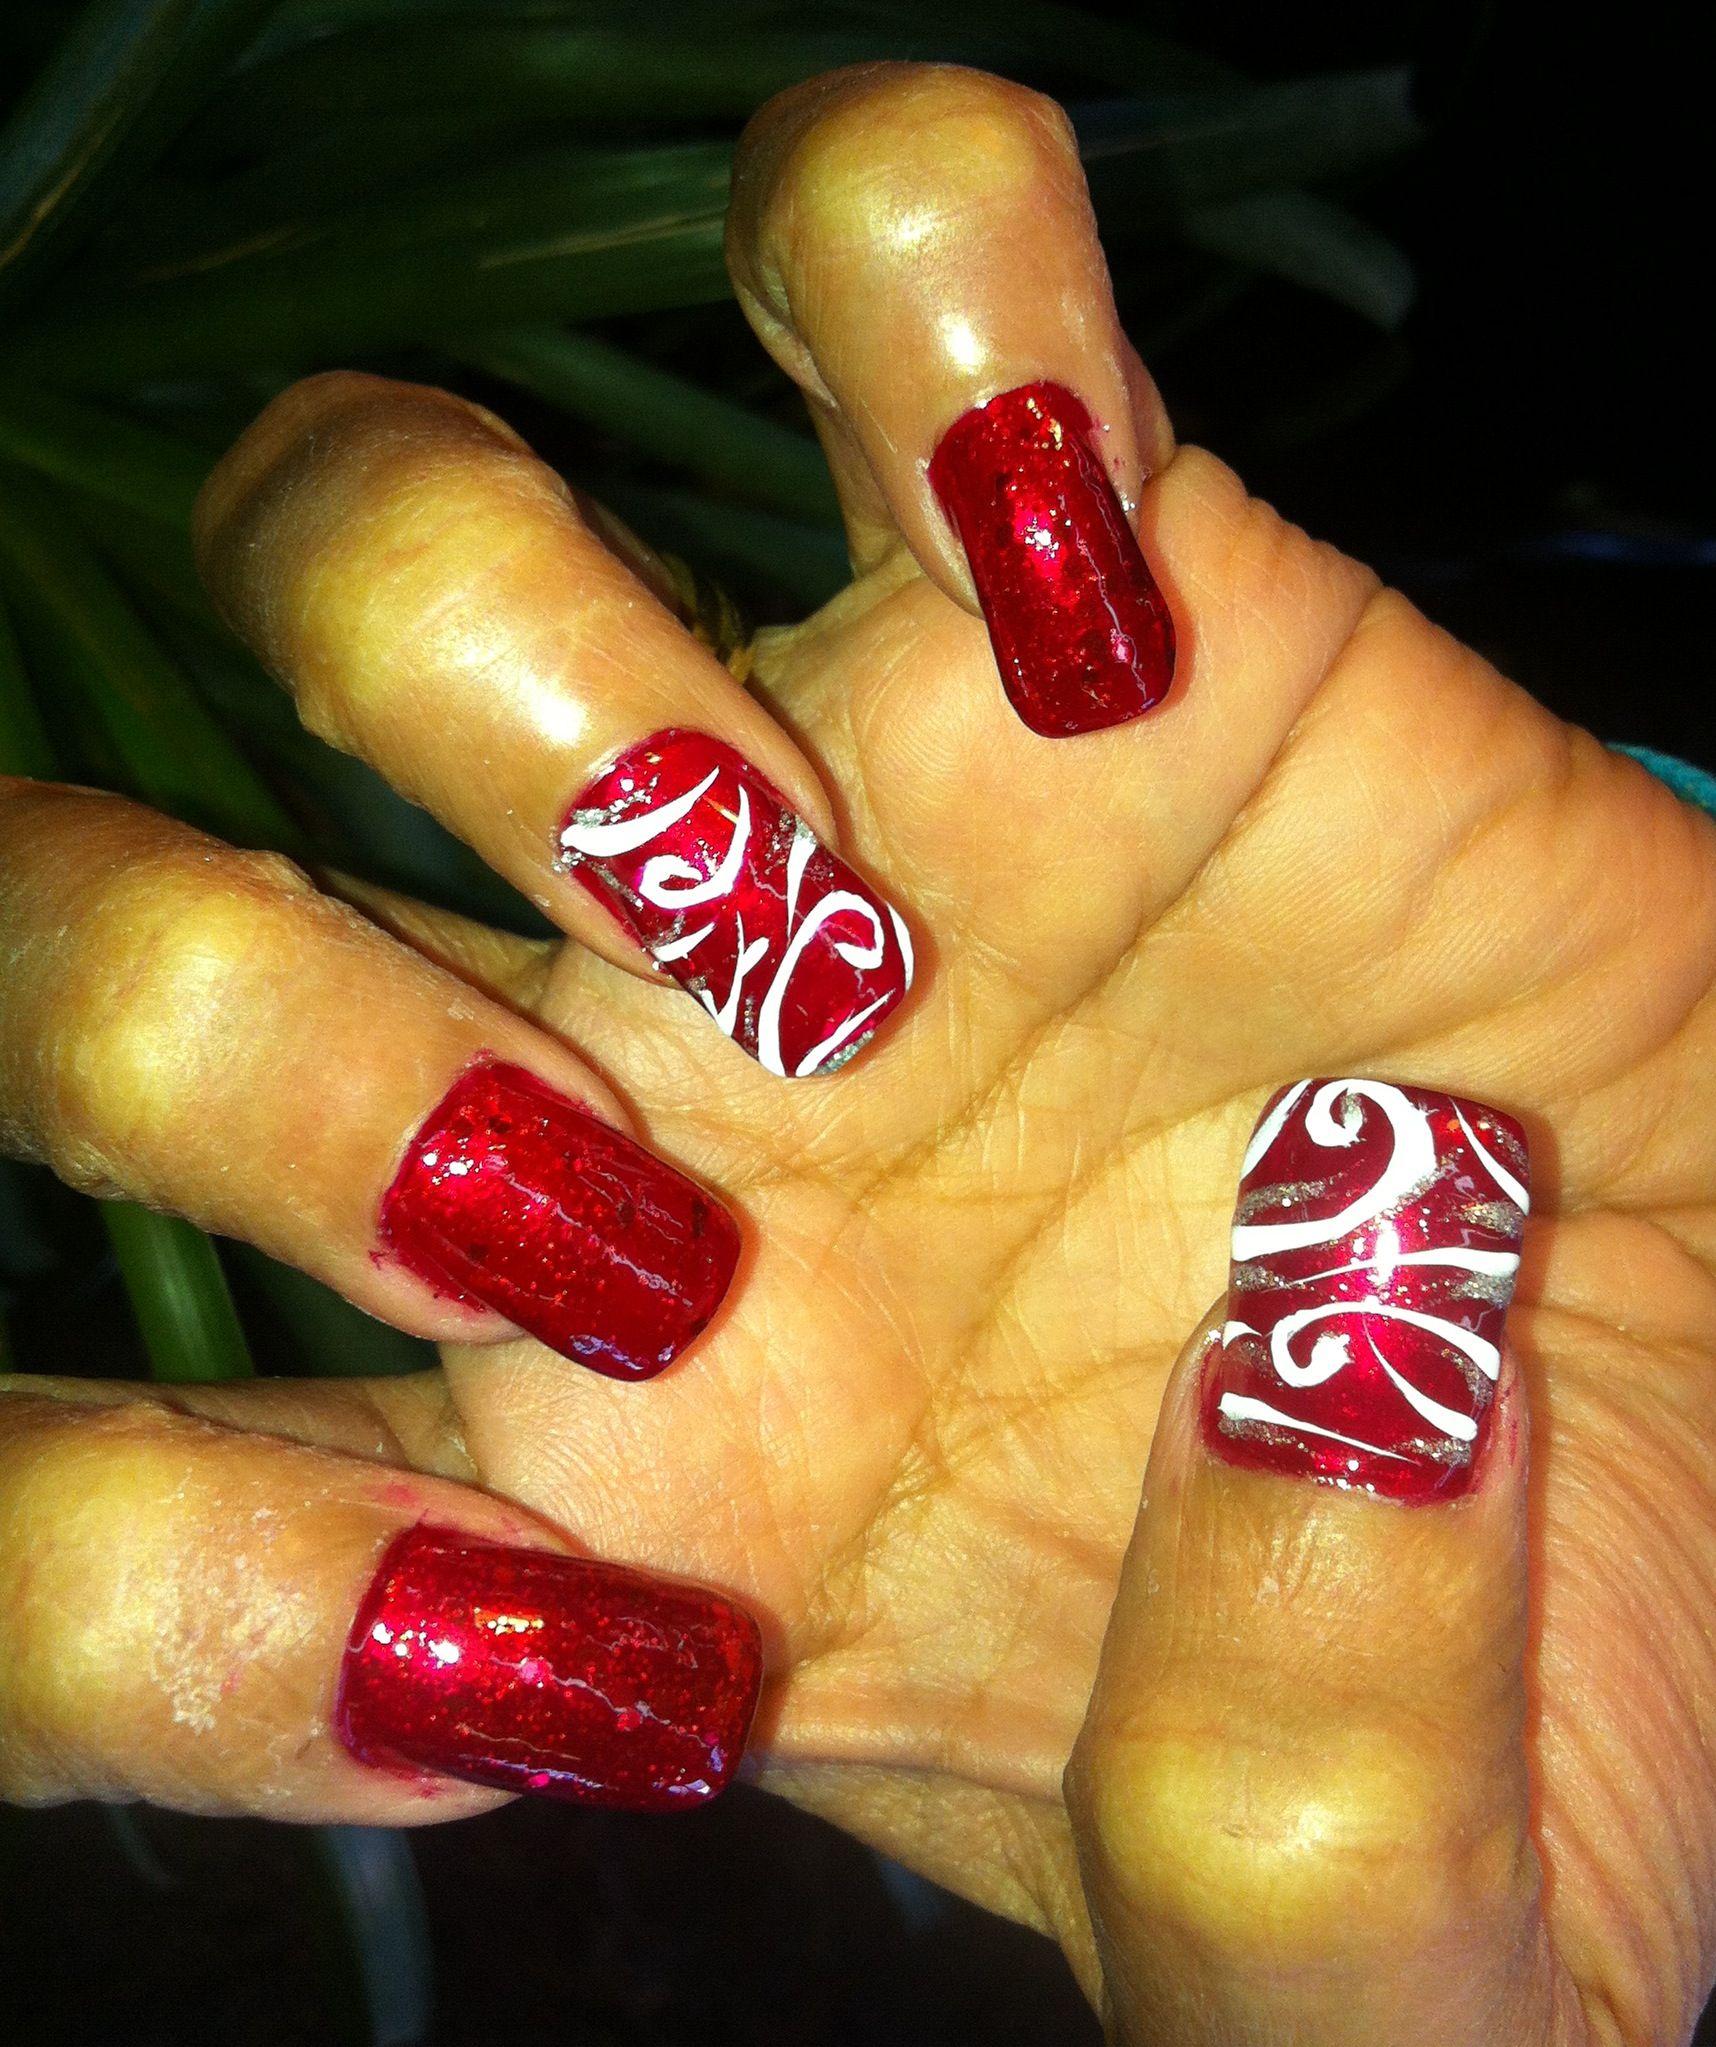 Hand Painted Nail Art Designs: Exotic Nails Hand Painted Nail Art